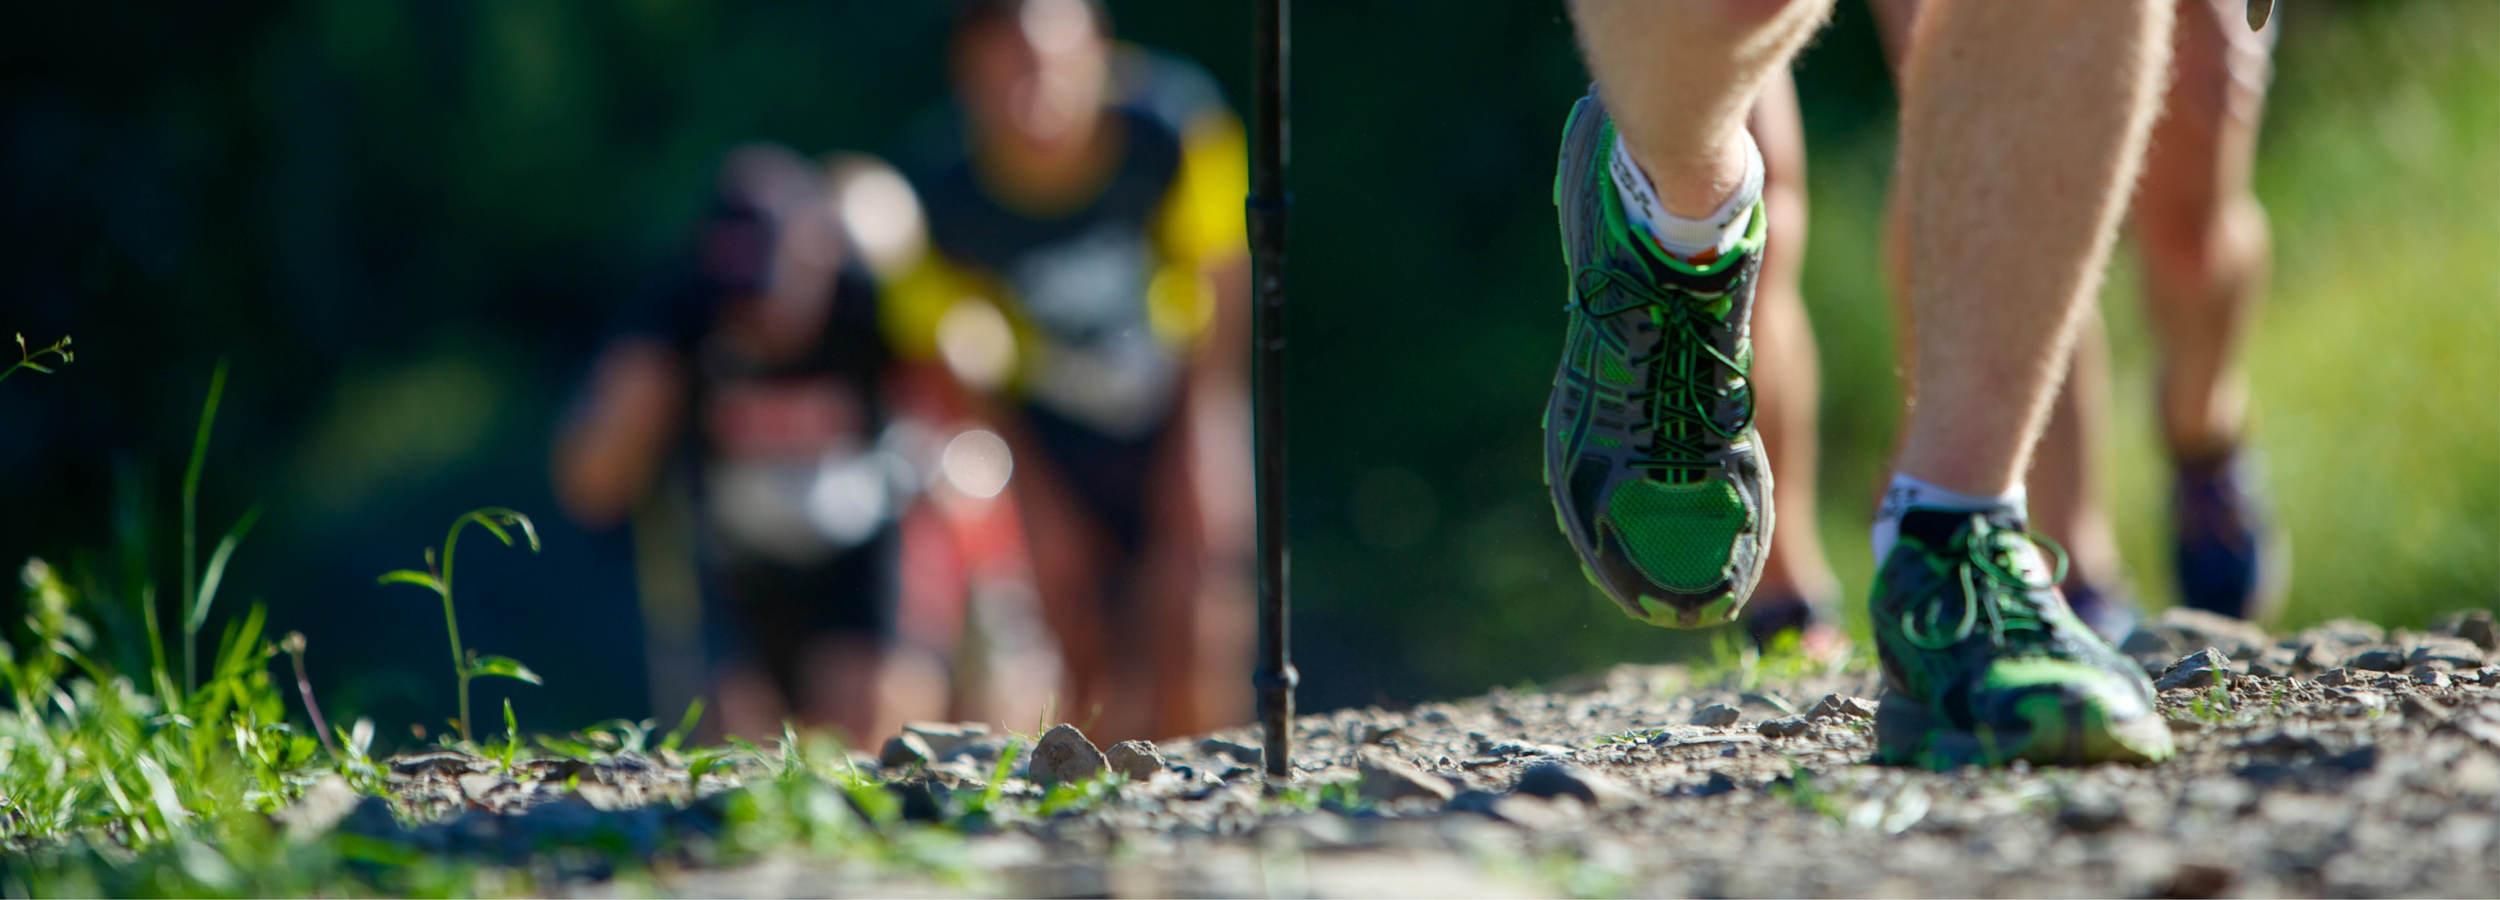 Running03.900.jpg